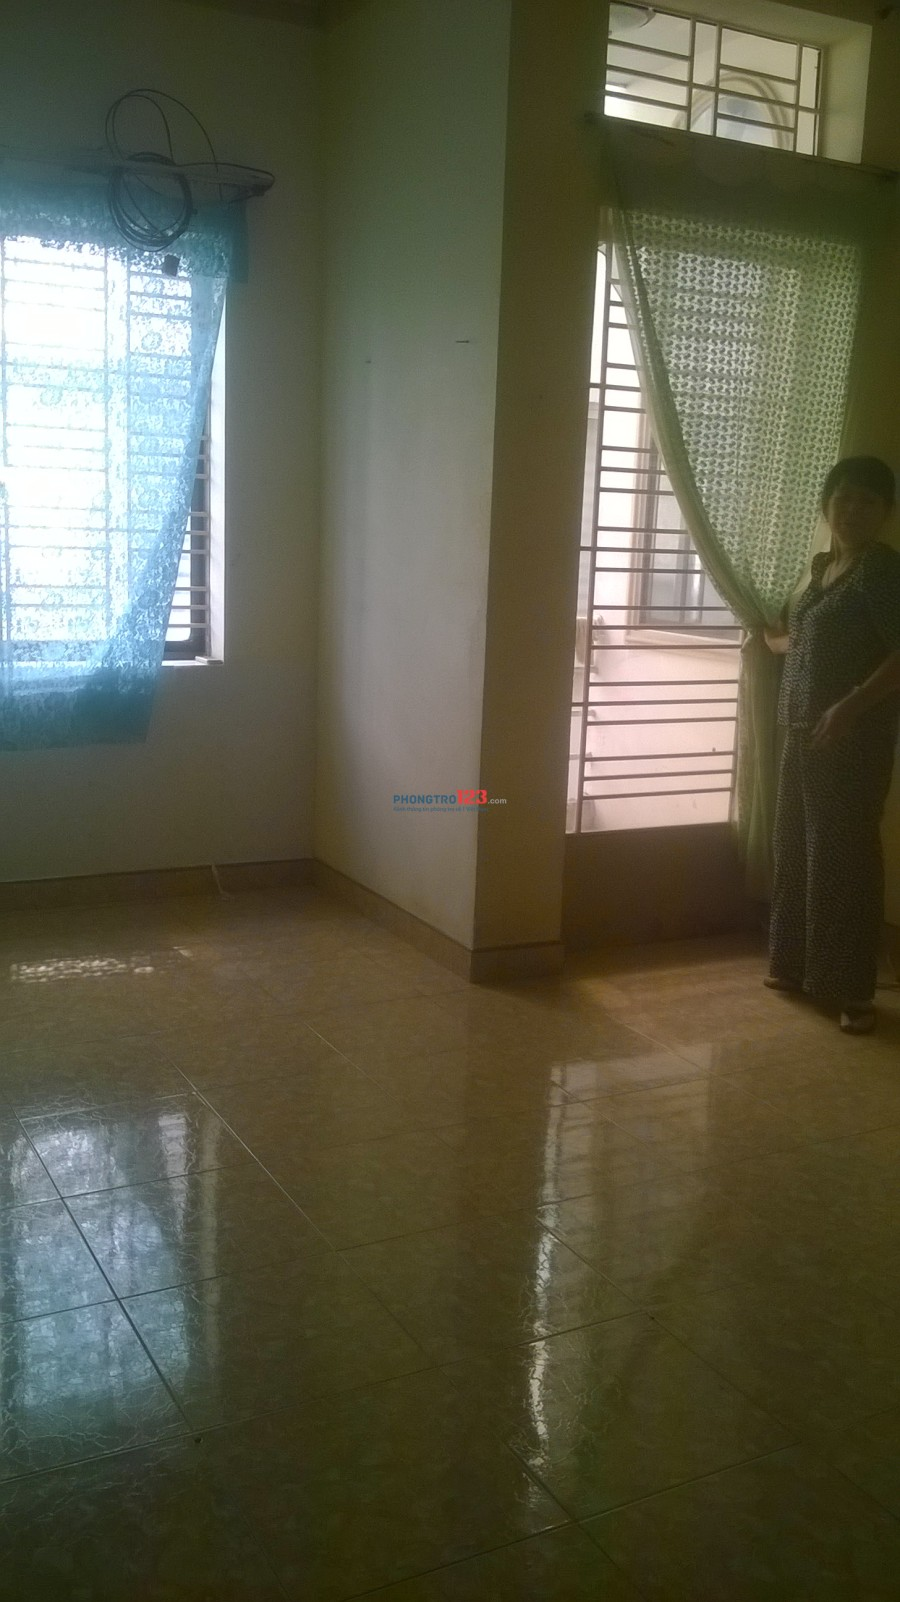 Cho thuê tầng 2-diện tích (4m x 8m) để ở hoặc mở văn phòng công ty